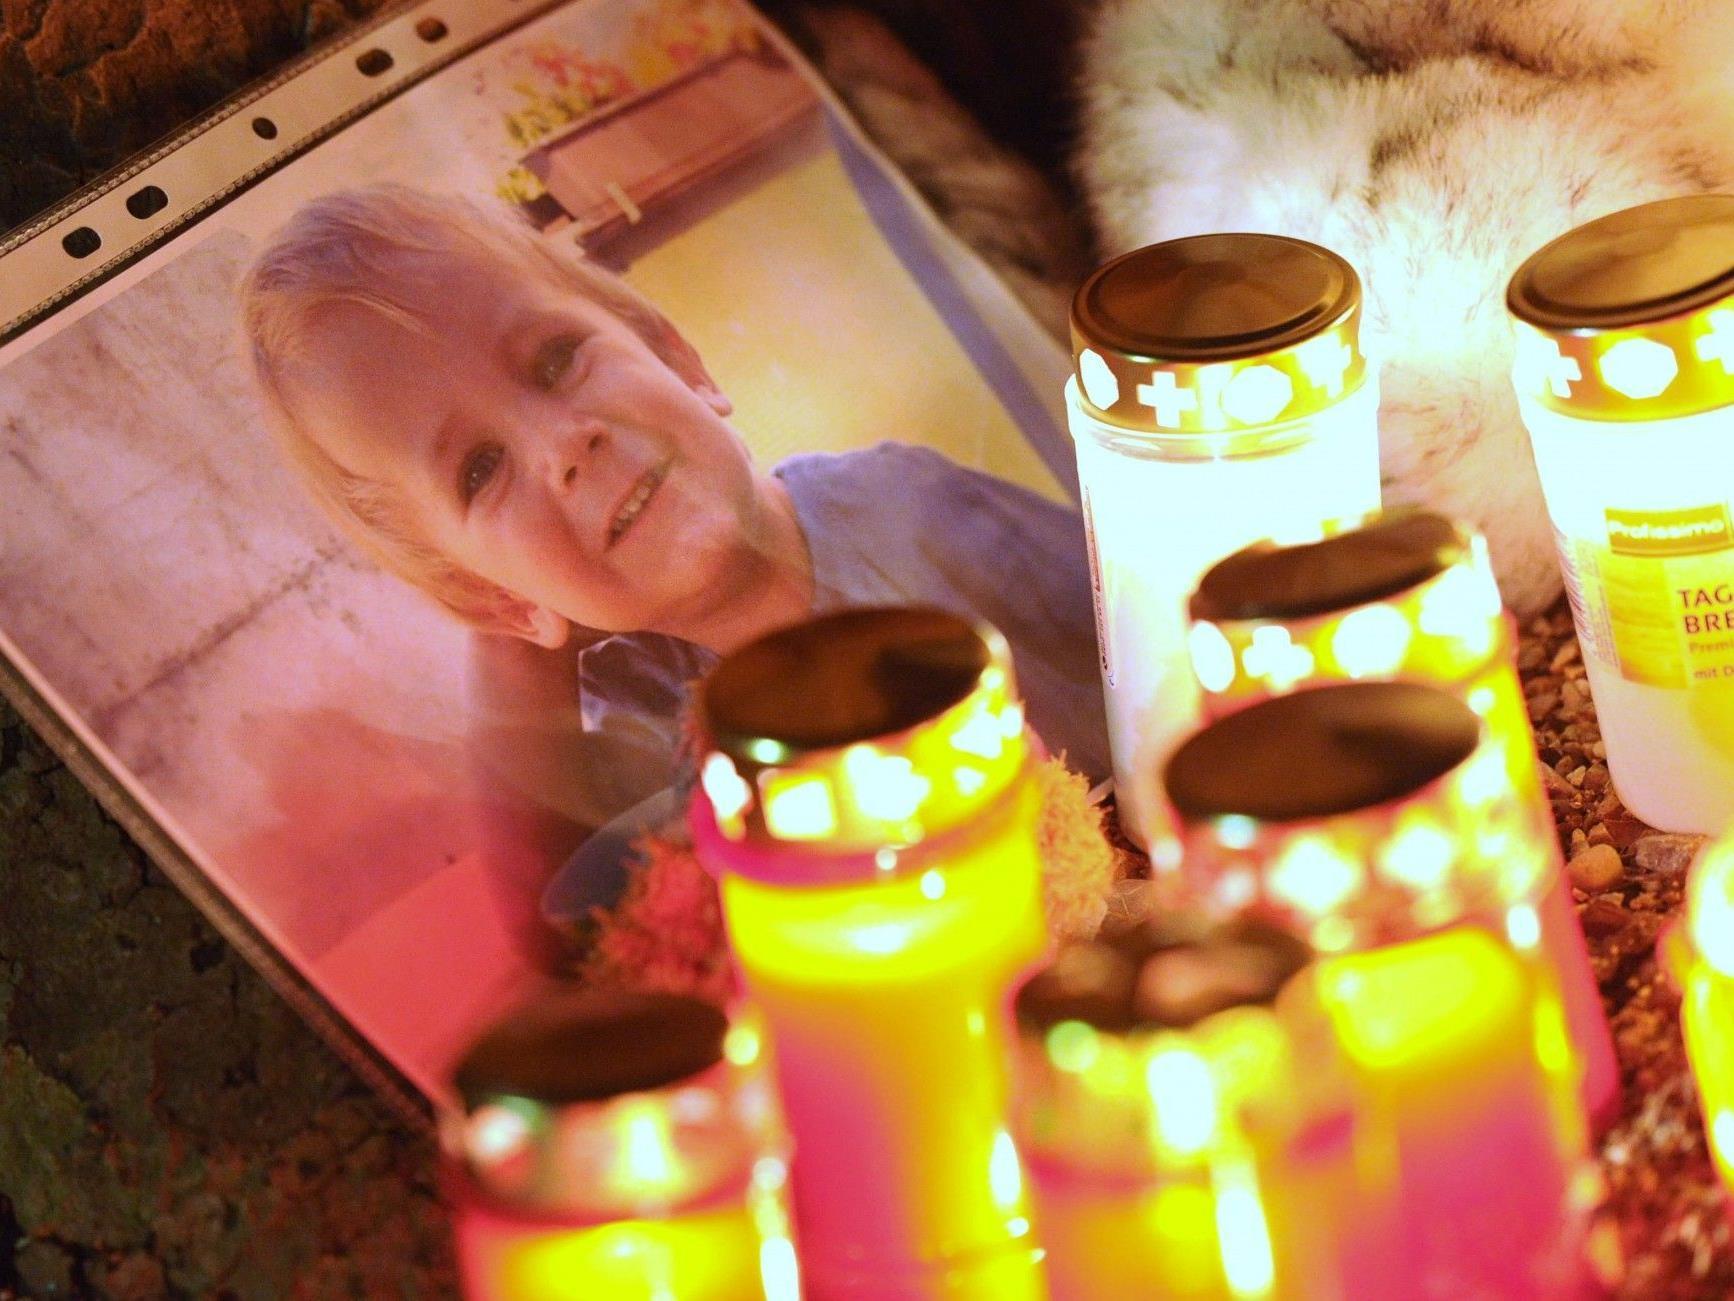 Die Tragödie um den kleinen Cain erschütterte Anfang 2011 das ganze Land.